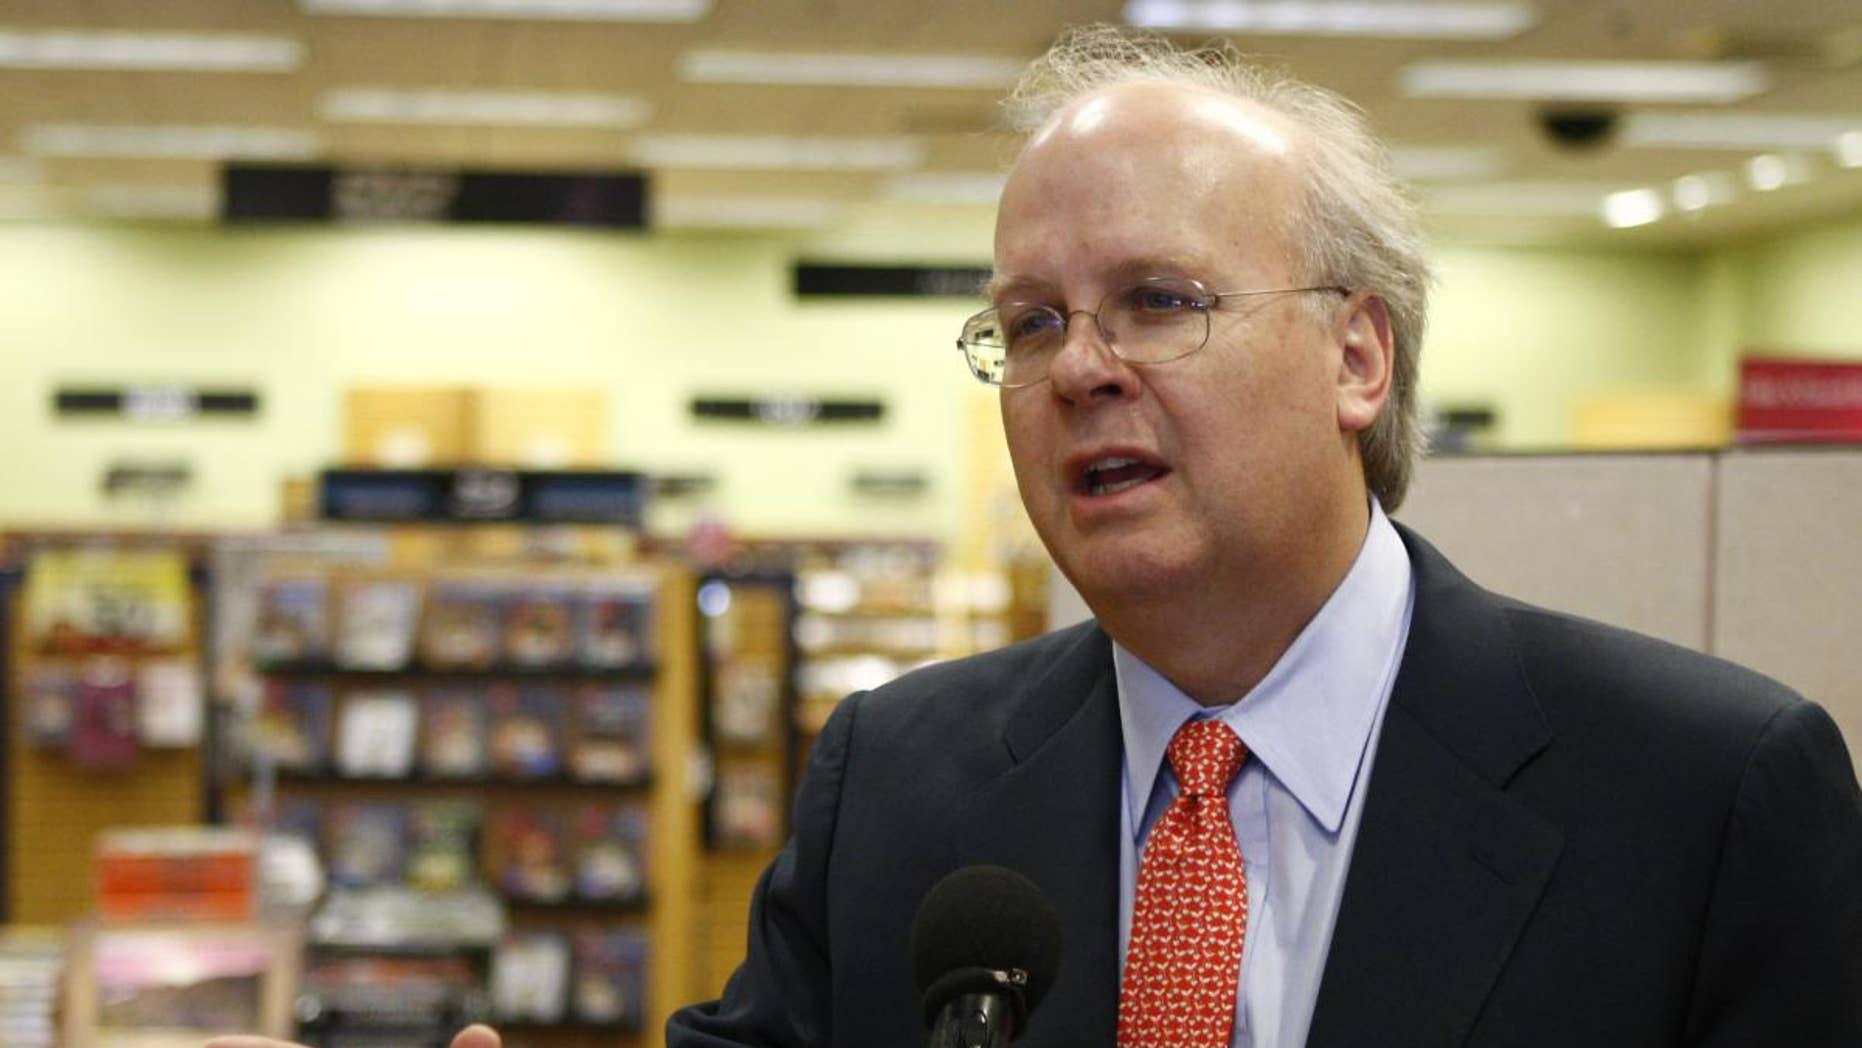 Former Bush Adviser Karl Rove/AP